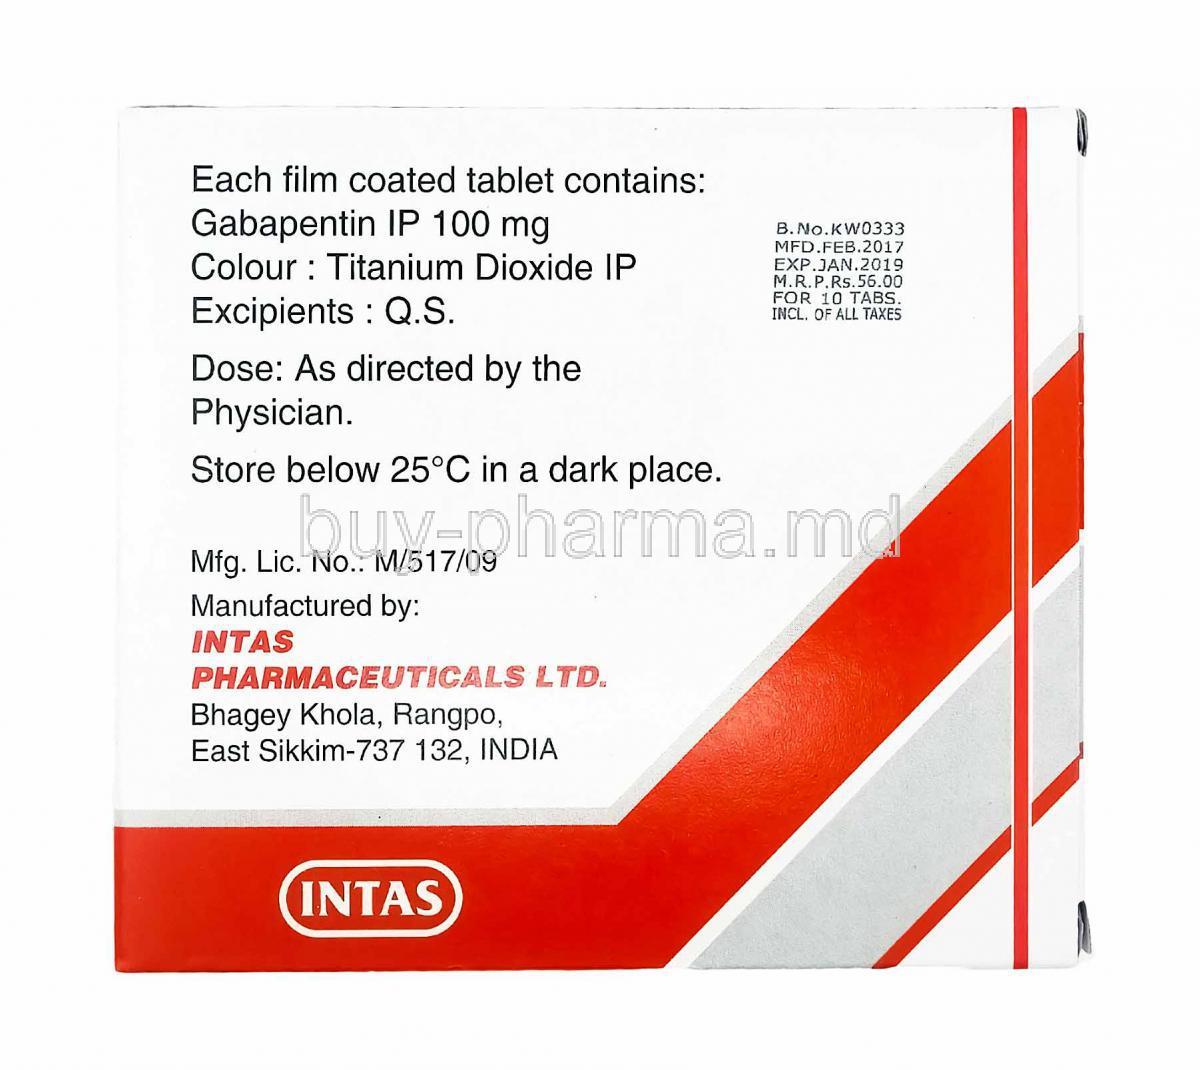 medicamento generico evista